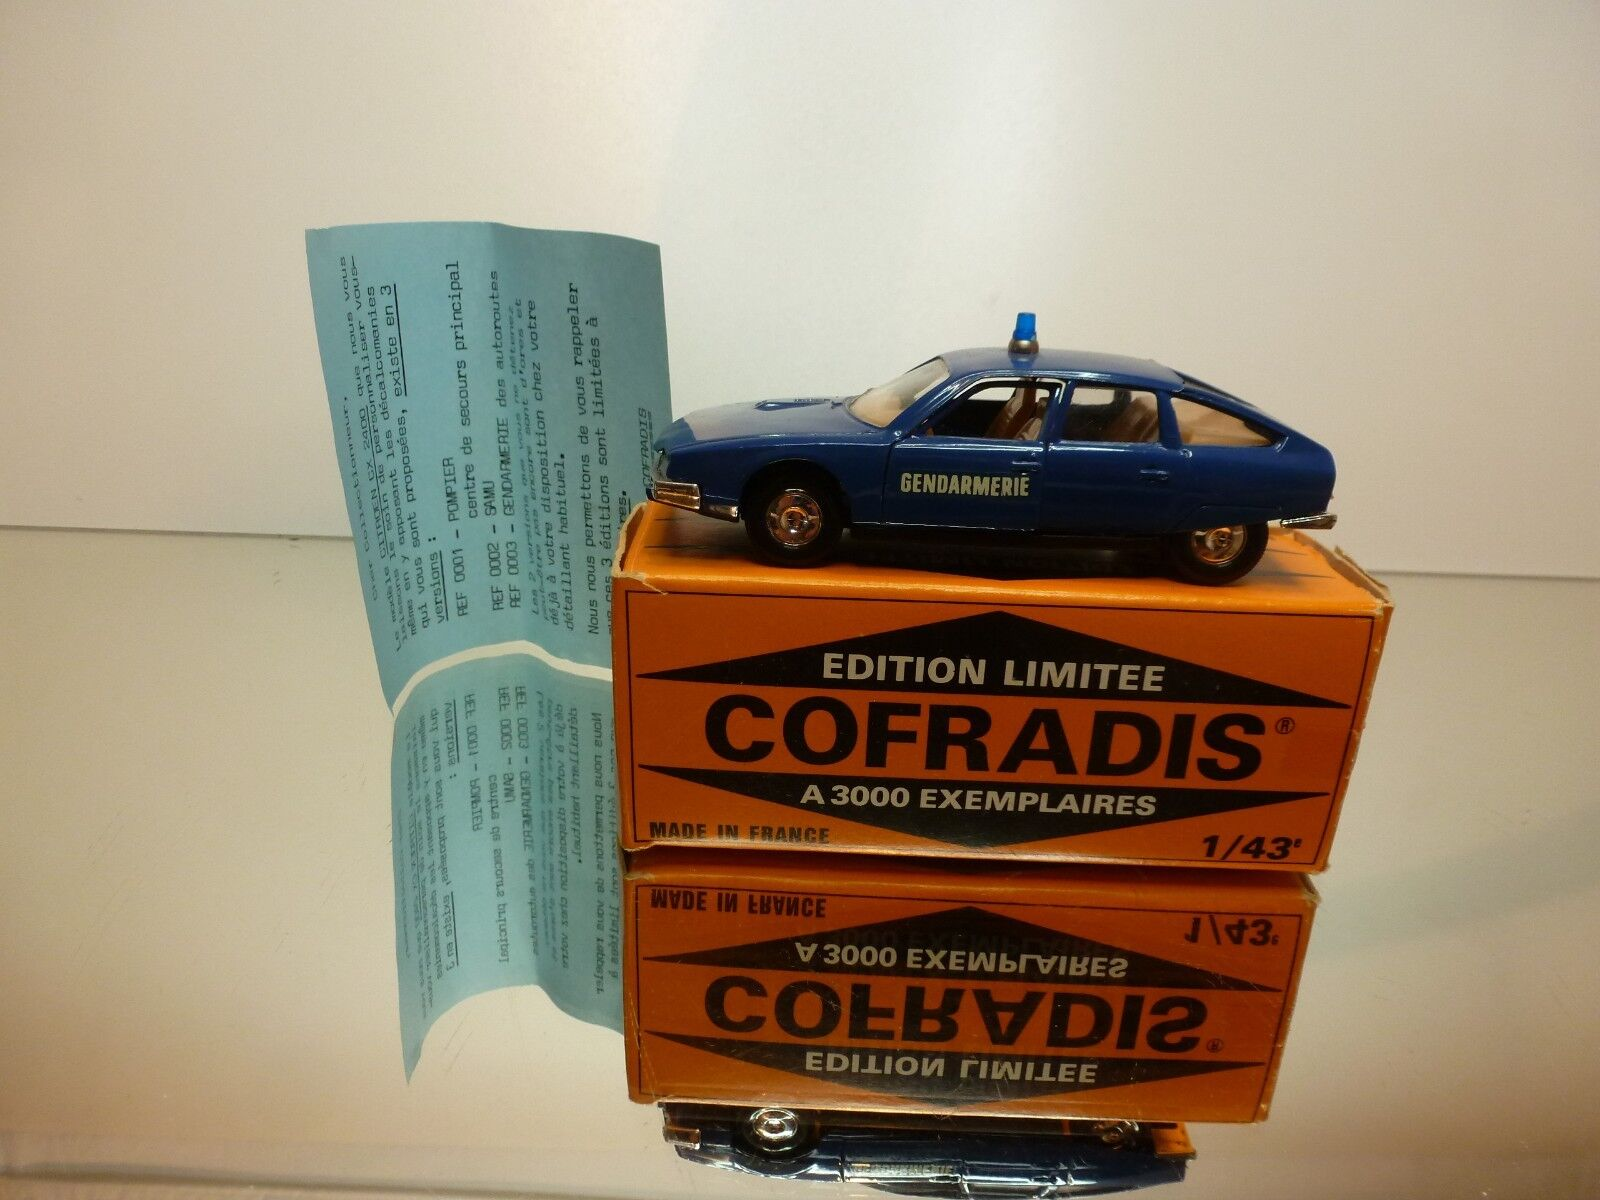 SOLIDO COFRADIS 0002 CITROEN CX 2400 GENDARMERIE - bleu 1 43 - VERY GOOD IN BOX